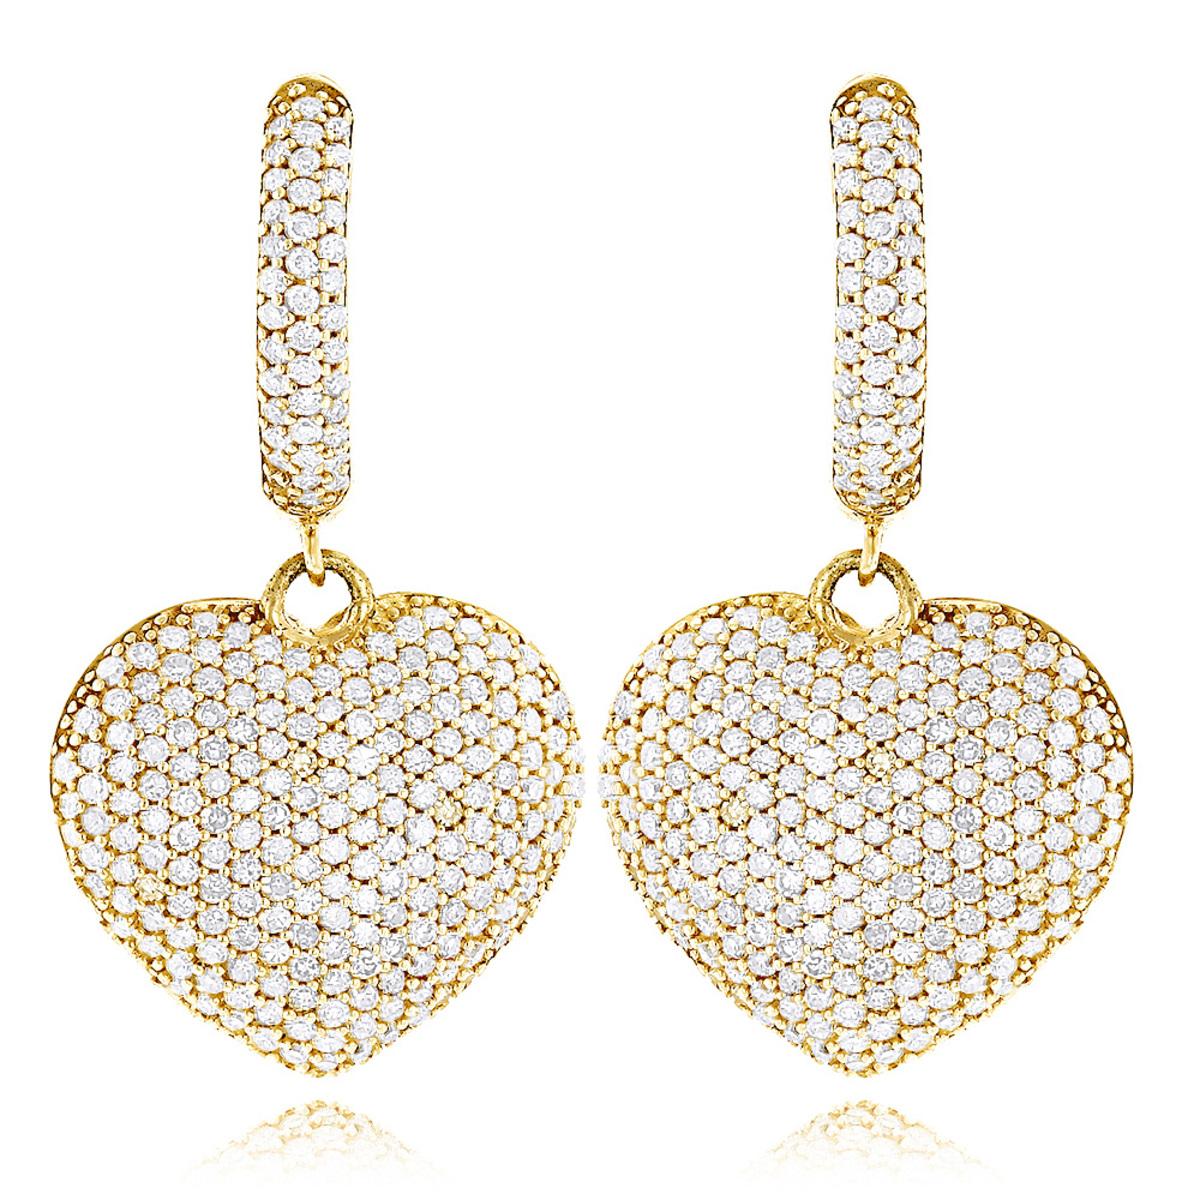 14K Dangle Diamond Heart Earrings 1.95ct